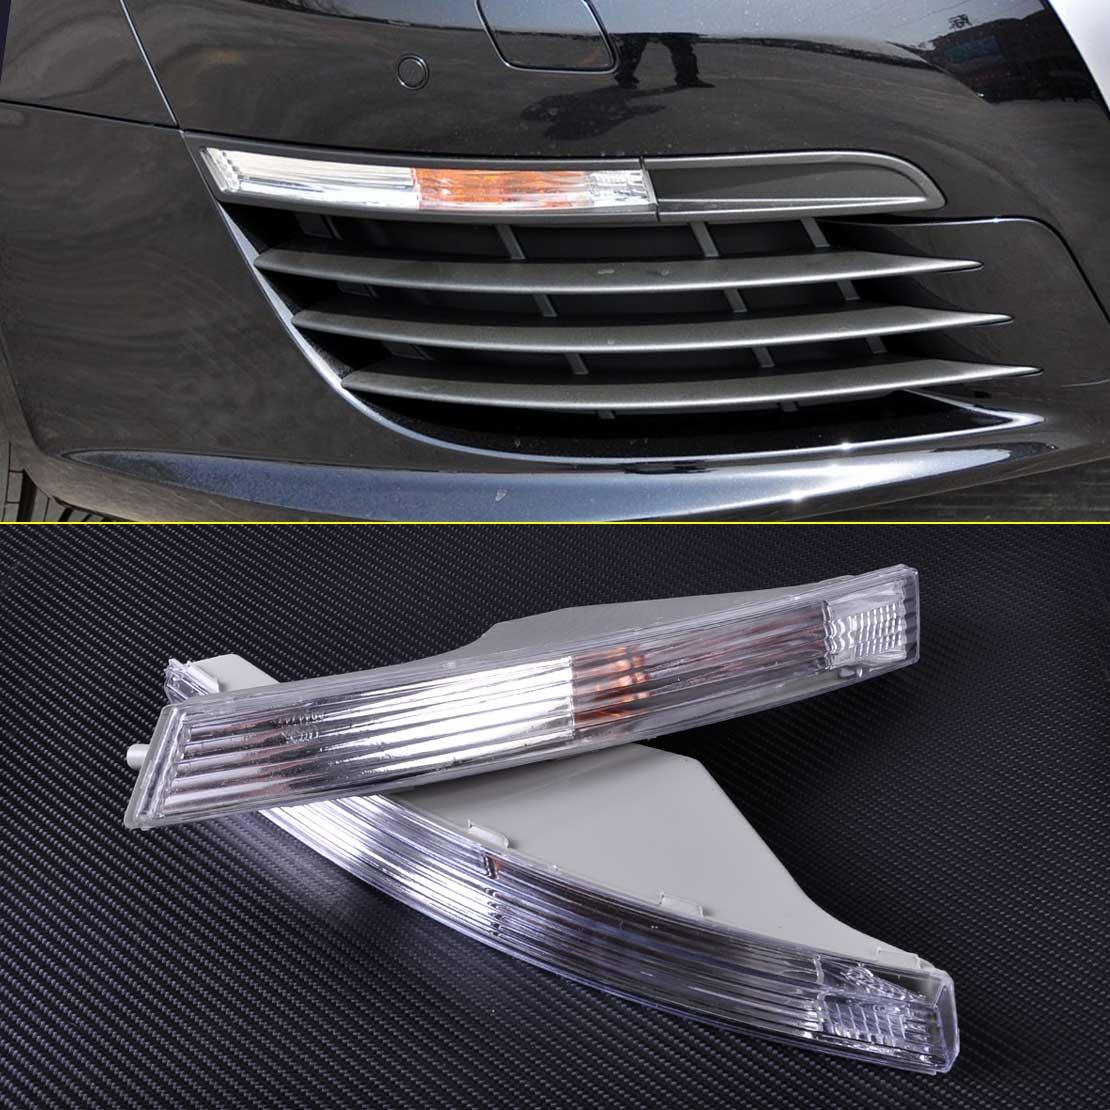 Bumper Turn Signal Light Lamp Lens Indicator 3C0953041E for VW Volkswagen Passat B6 Sedan &amp; Wagon Model 2006 2007 2008 2009 2010<br><br>Aliexpress